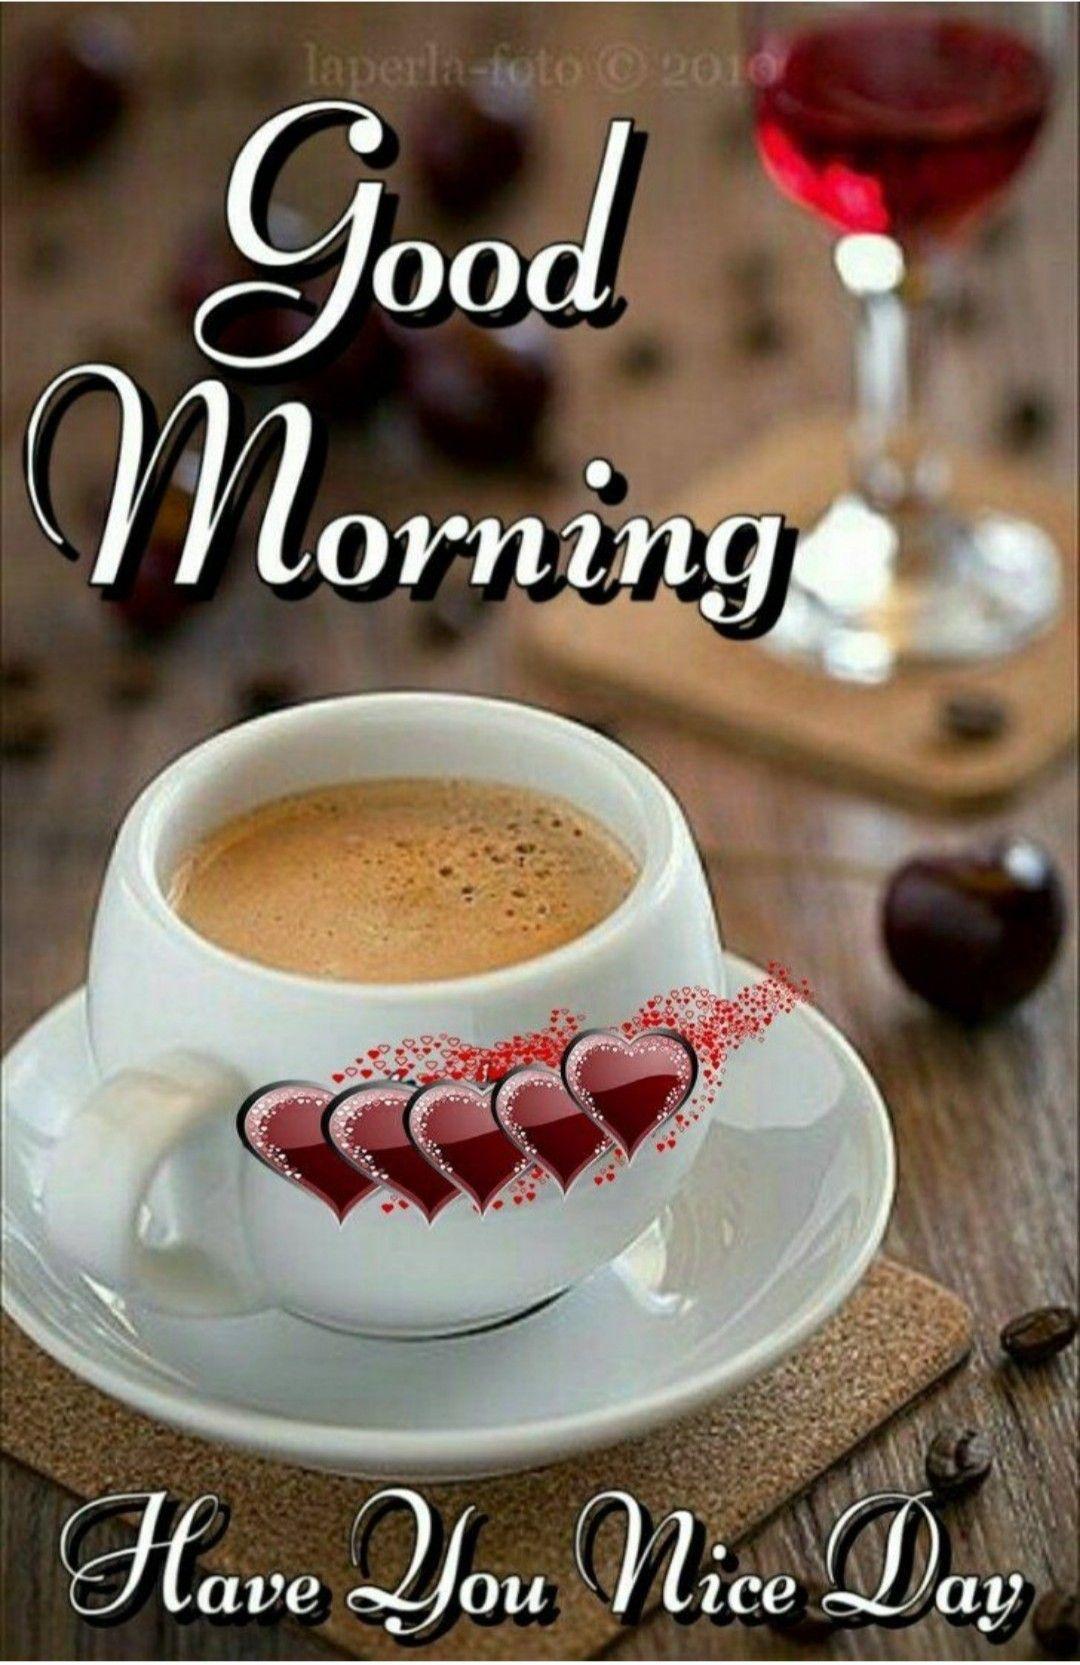 อรุณสวัสดิ์ Good morning msg, Good morning coffee, Good